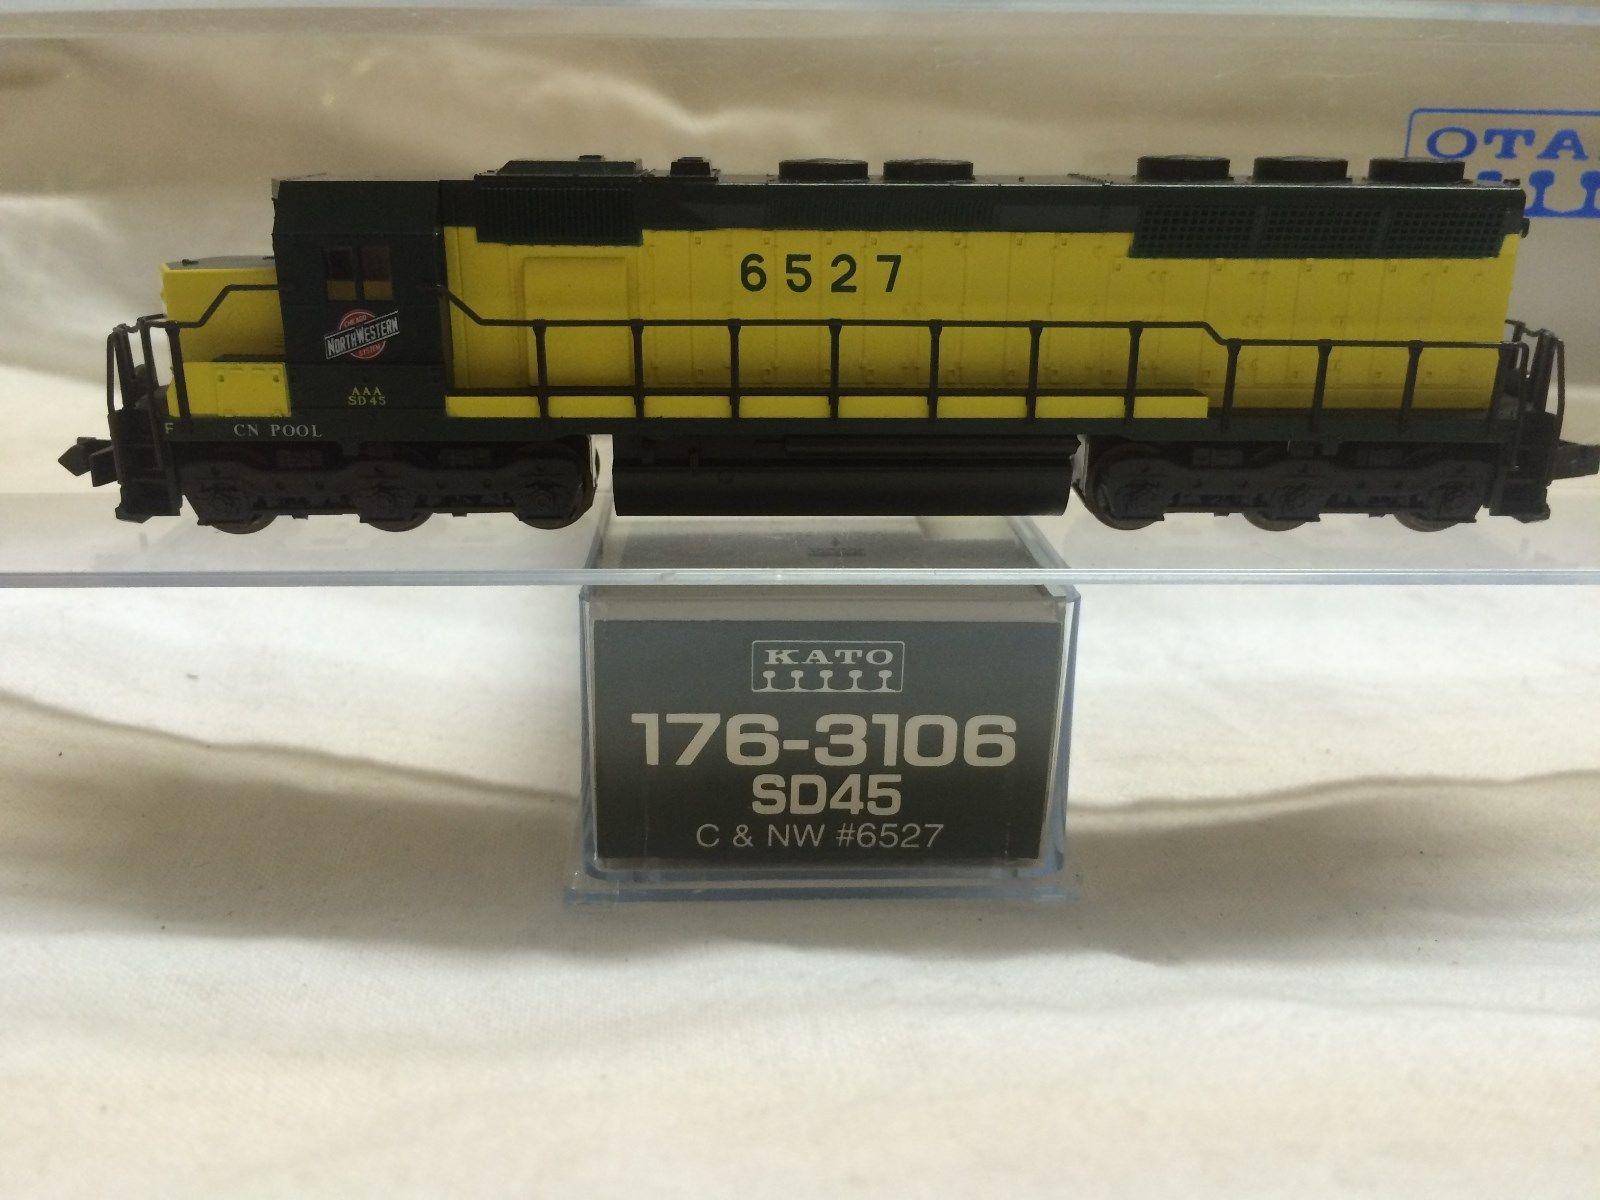 N Scale - Kato USA - 176-3106 - Locomotive, Diesel, EMD SD45 - Chicago & North Western - 6527